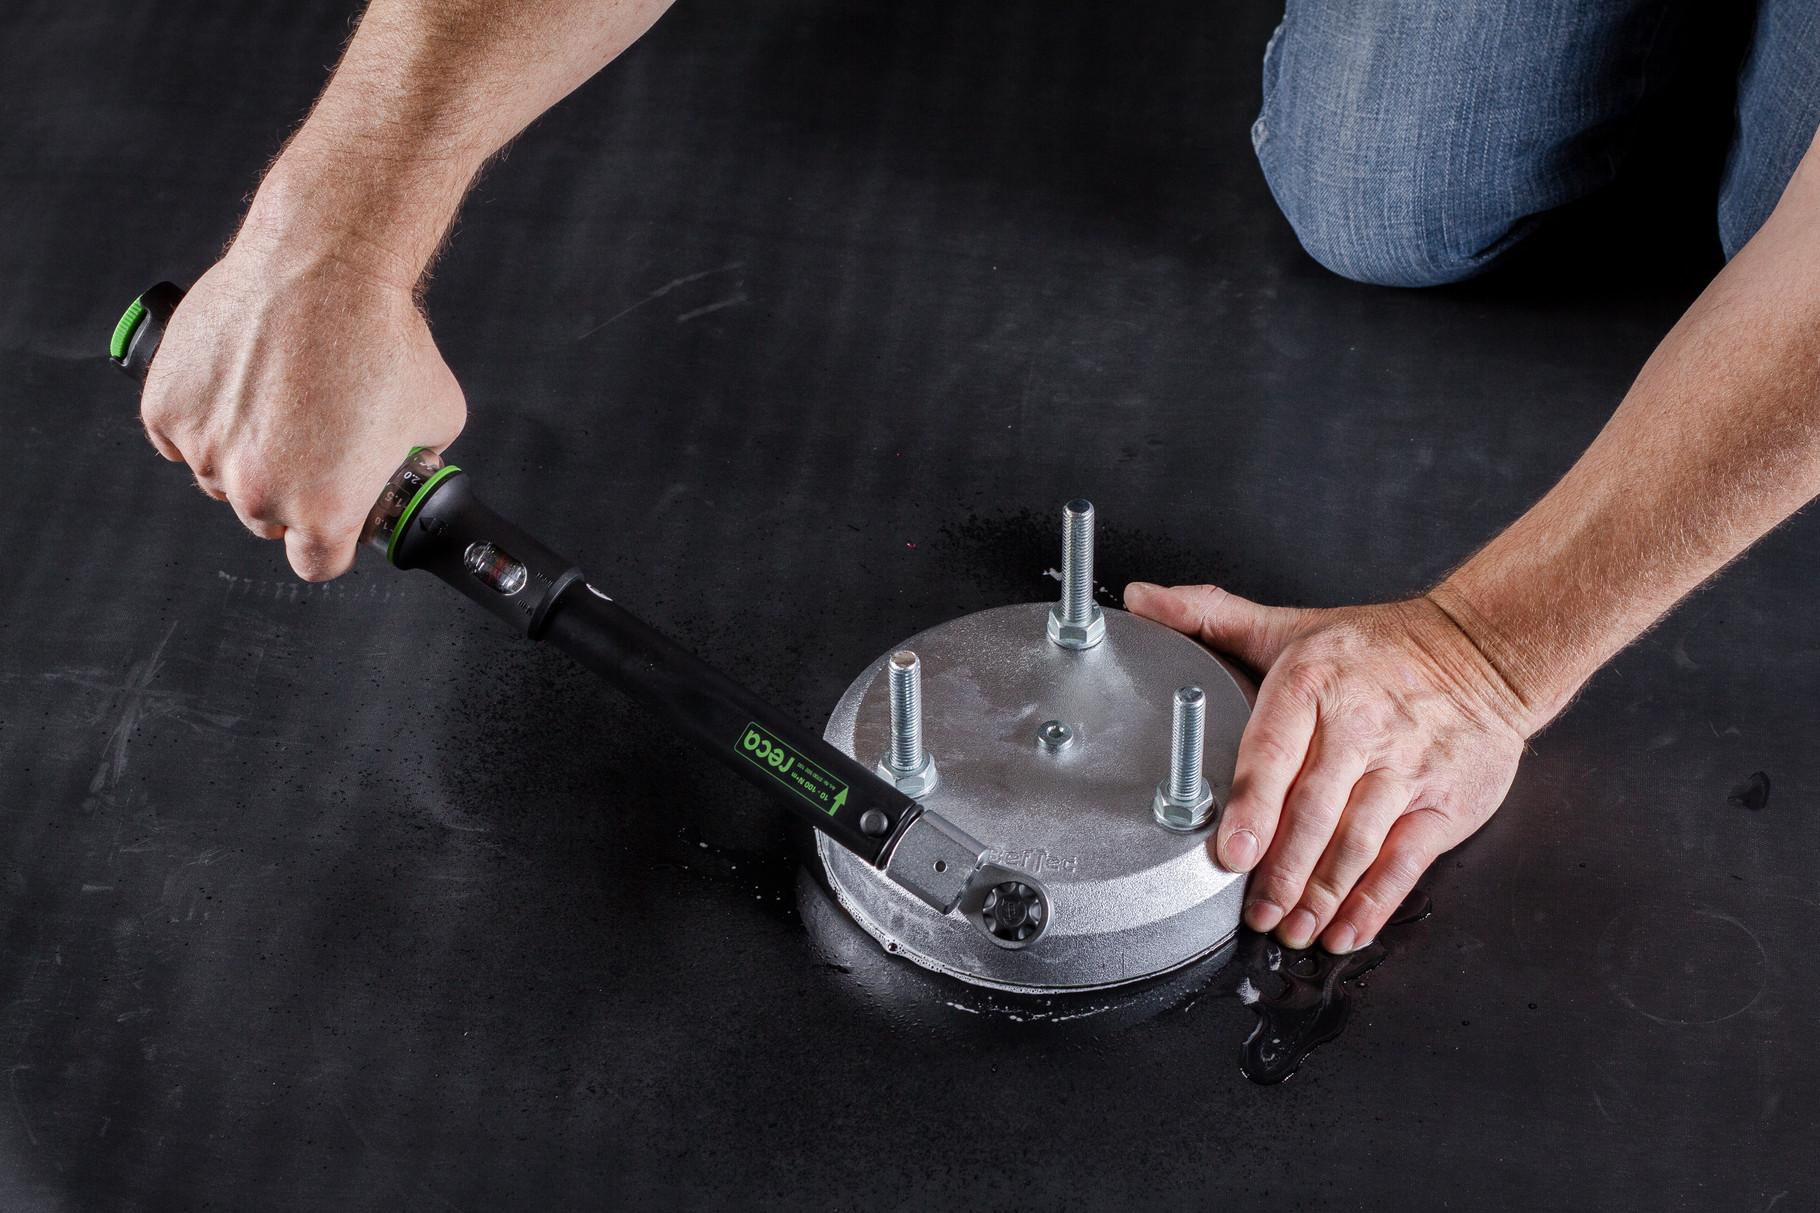 Die Verschlussschraube mit Stiftschlüssel (BefTec Montagekoffer) festschrauben.